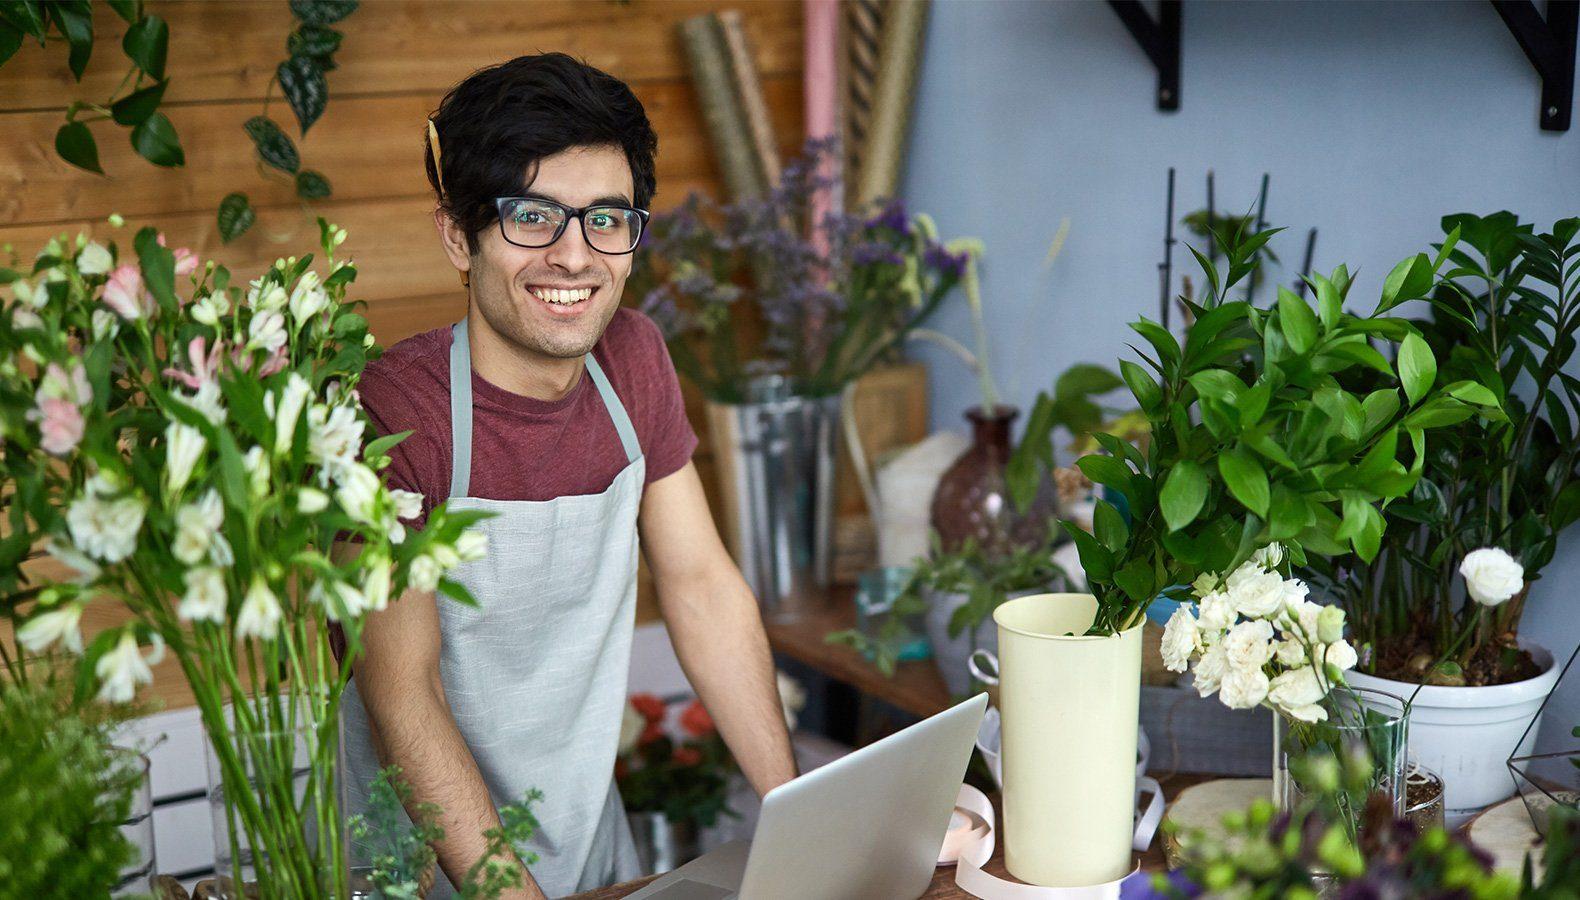 Ein Florist lächelt in die Kamera, während er am Bindetisch voller Blumen in der Filiale steht und ein Laptop aufgeklappt vor sich stehen hat.